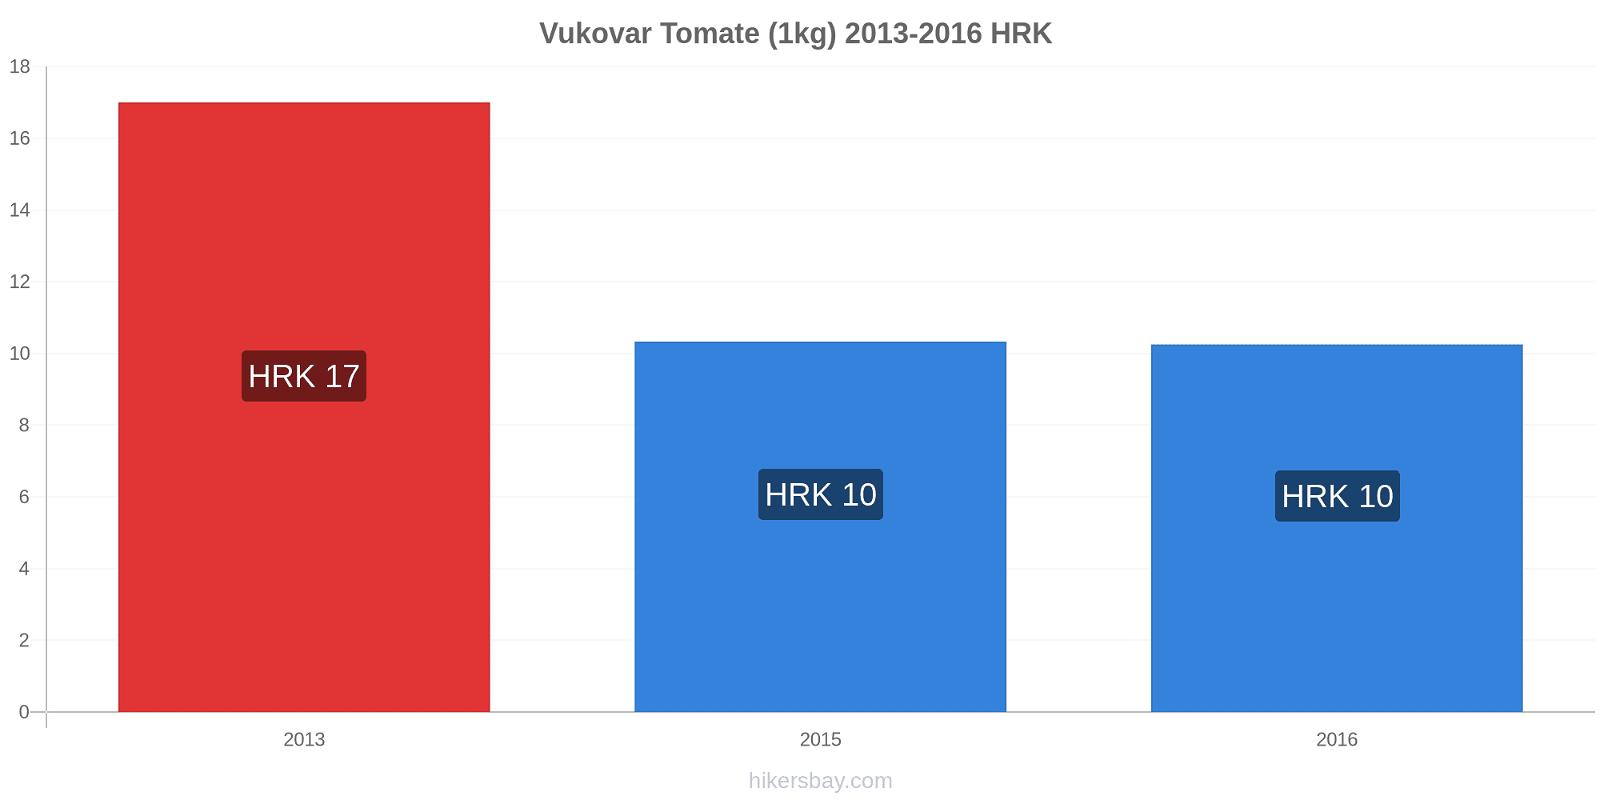 Vukovar variação de preço Tomate (1kg) hikersbay.com